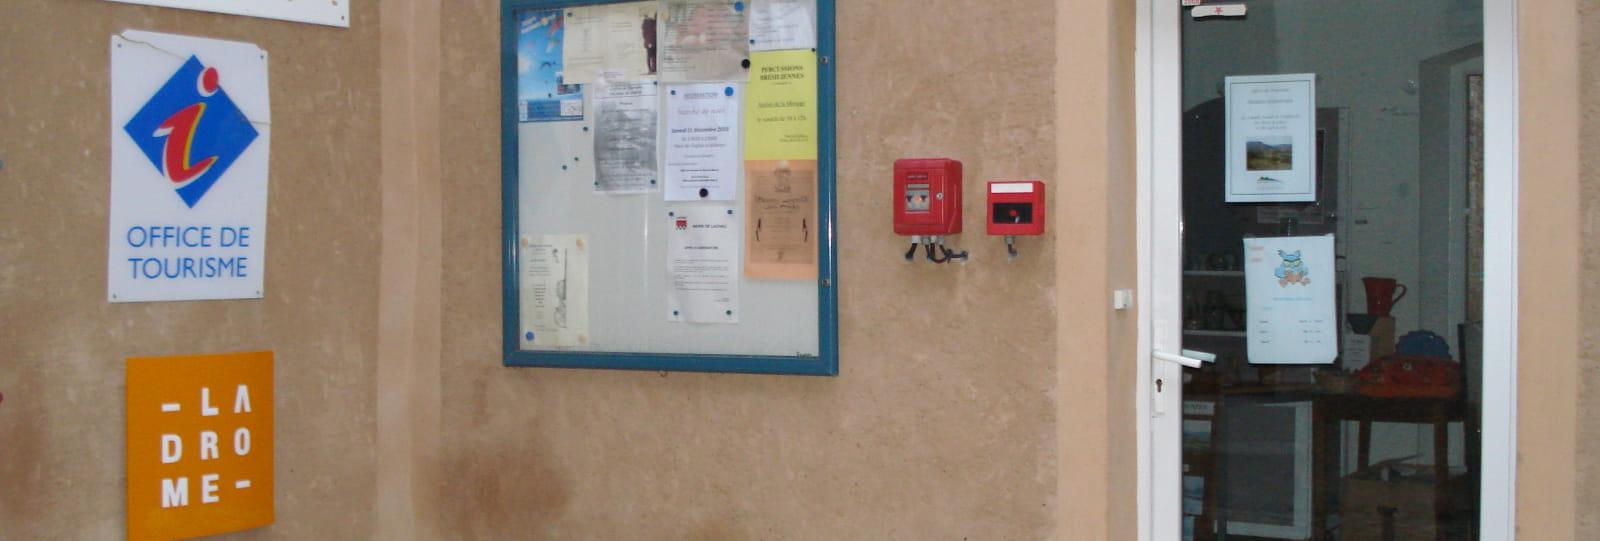 Office de tourisme des Baronnies en Drôme Provençale - Pays de Séderon